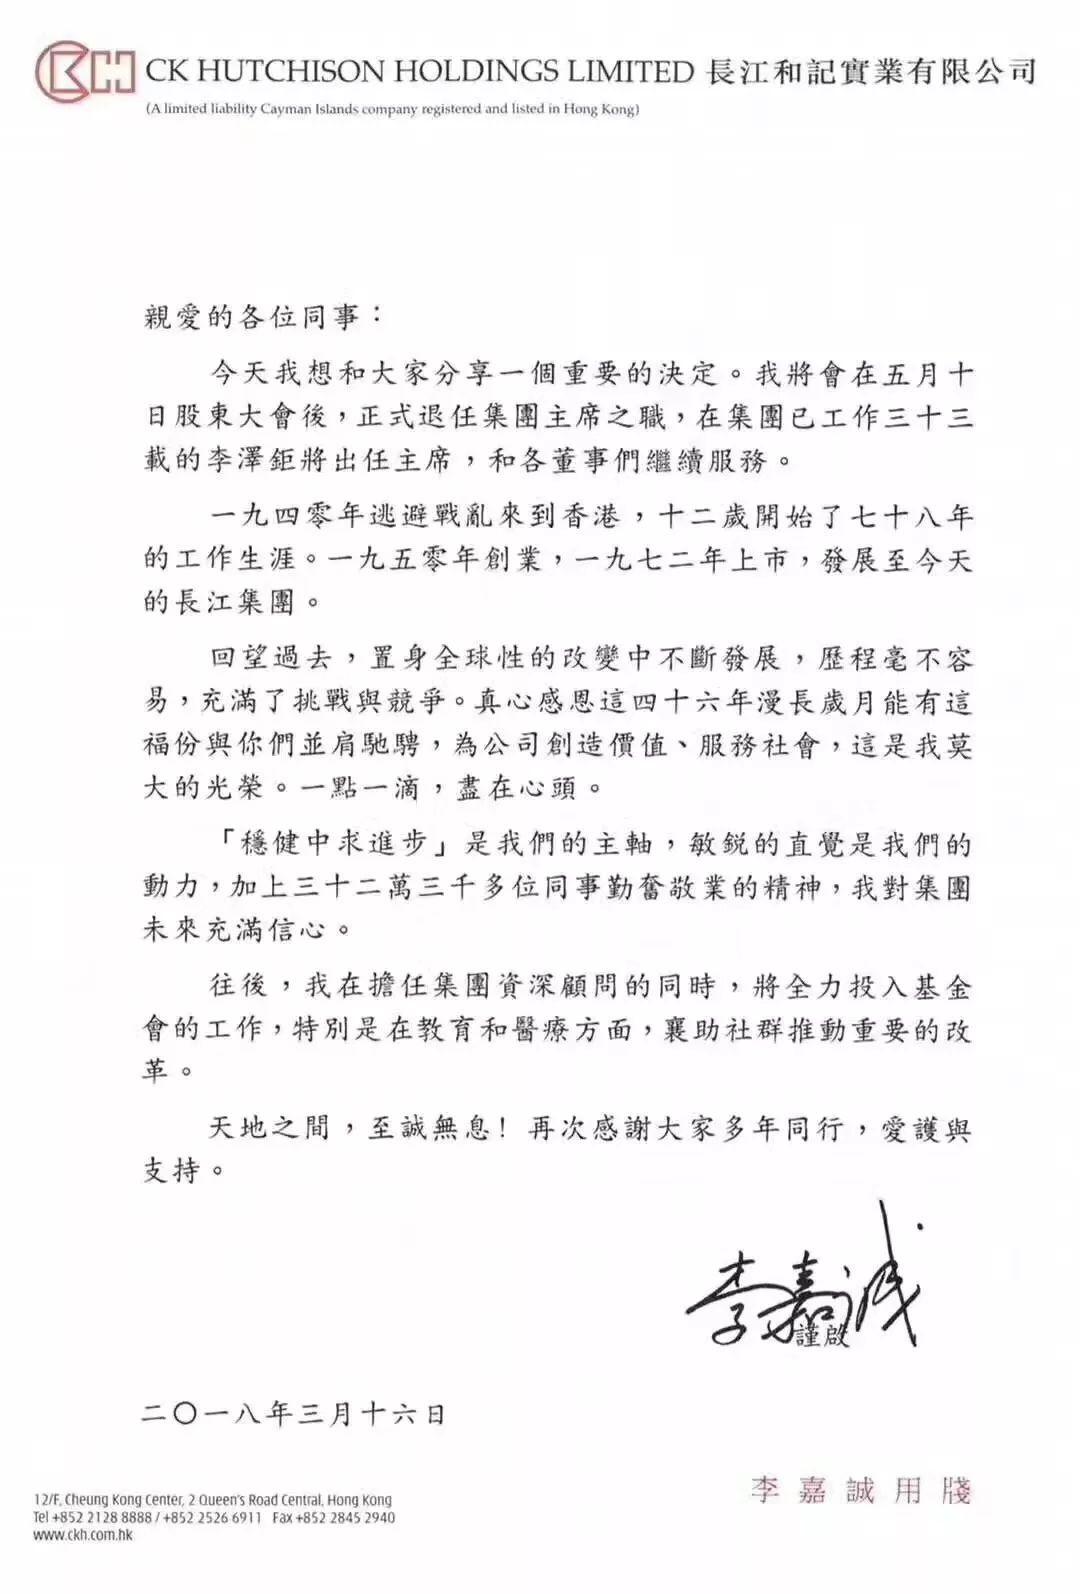 90岁李嘉诚昨退休:难以超越的青年领袖